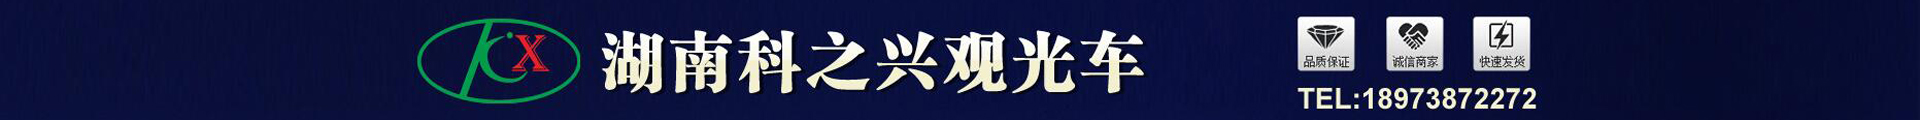 长沙科之兴机电设备有限公司